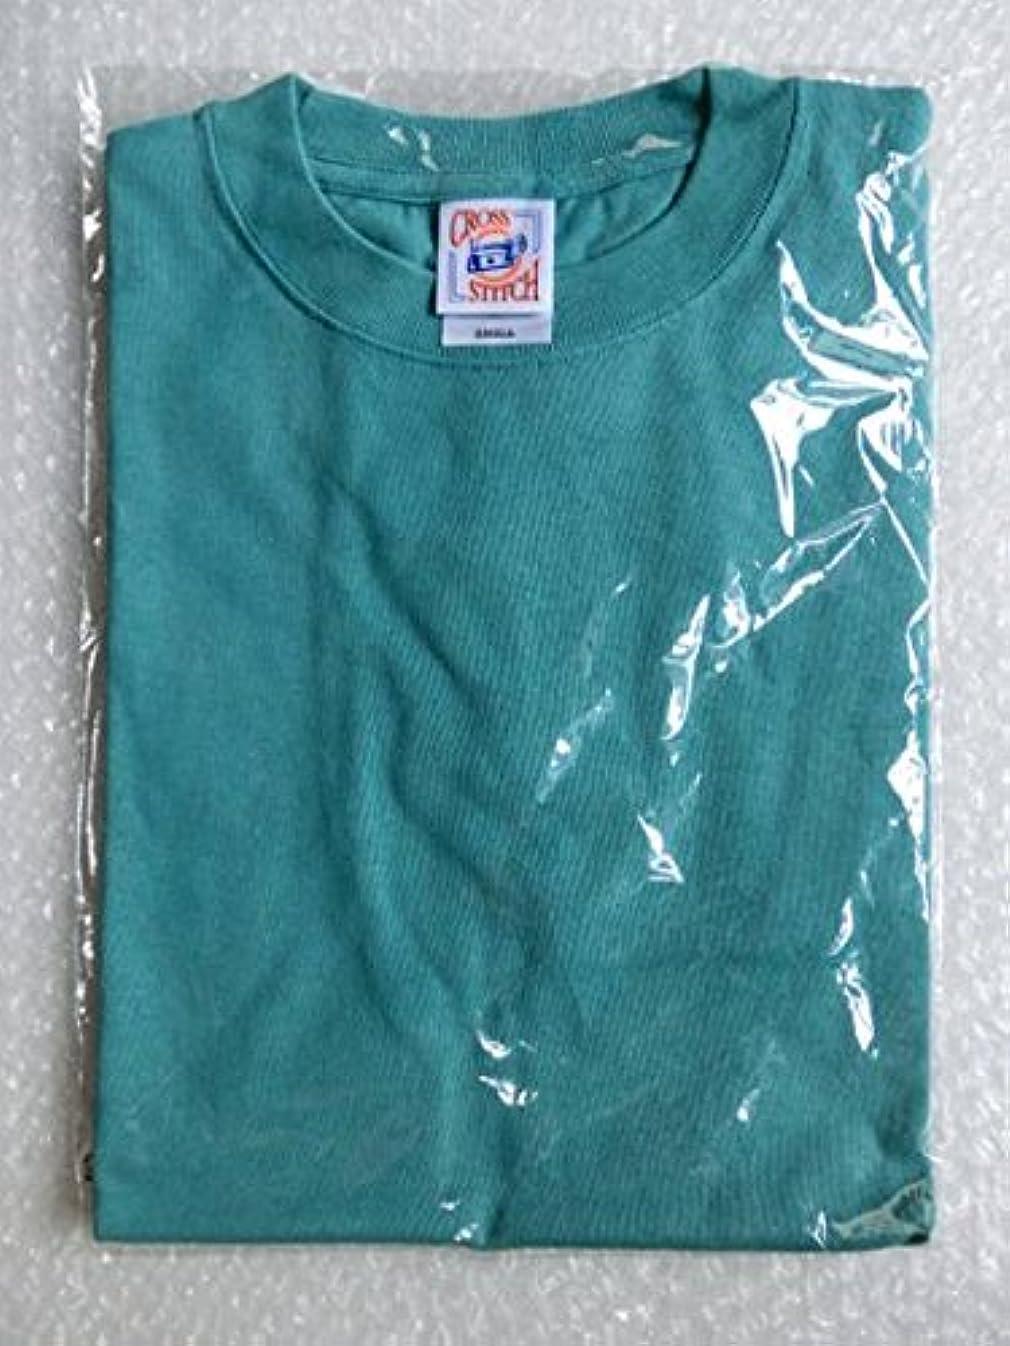 不愉快融合寄生虫Perfume パフューム 2008年 夏Tシャツ オーシャン Sサイズ